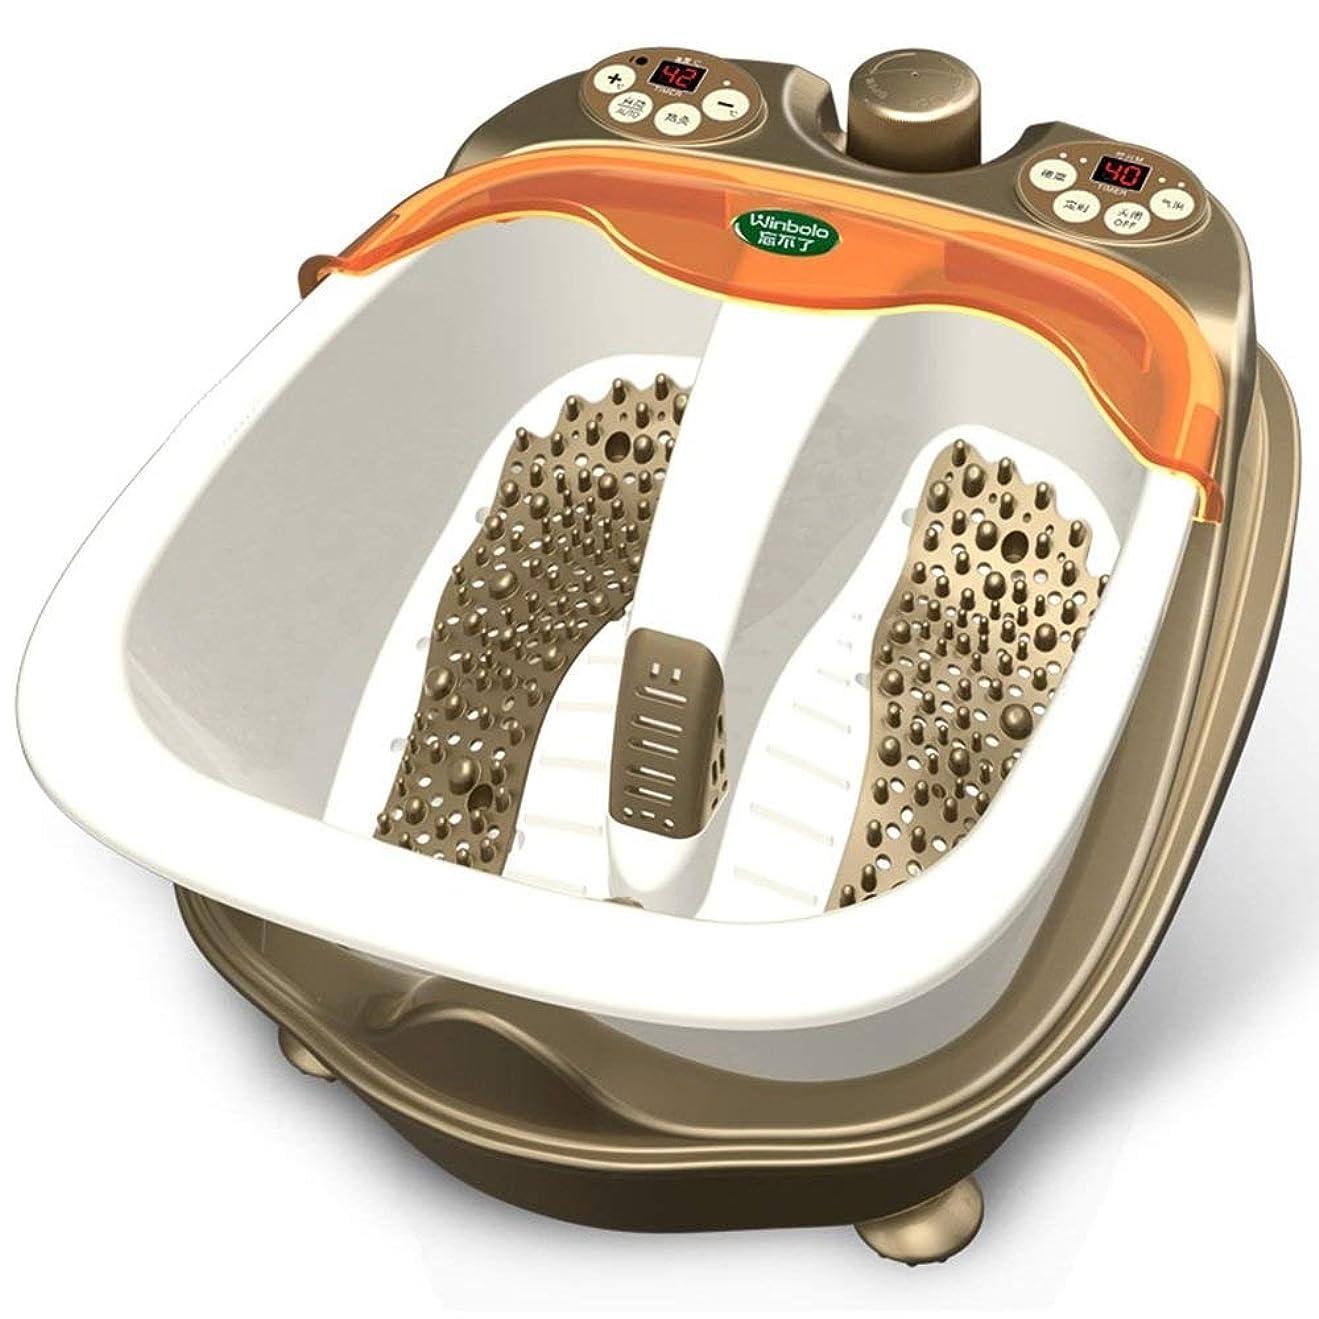 法律現象トラックZXvbyuff 自動フット指圧&温度制御&バブルマッサージエレクトリック足サロン浴槽を備えたフットスパバスマッサージ器 - 水の温度を維持&フットの圧力を軽減